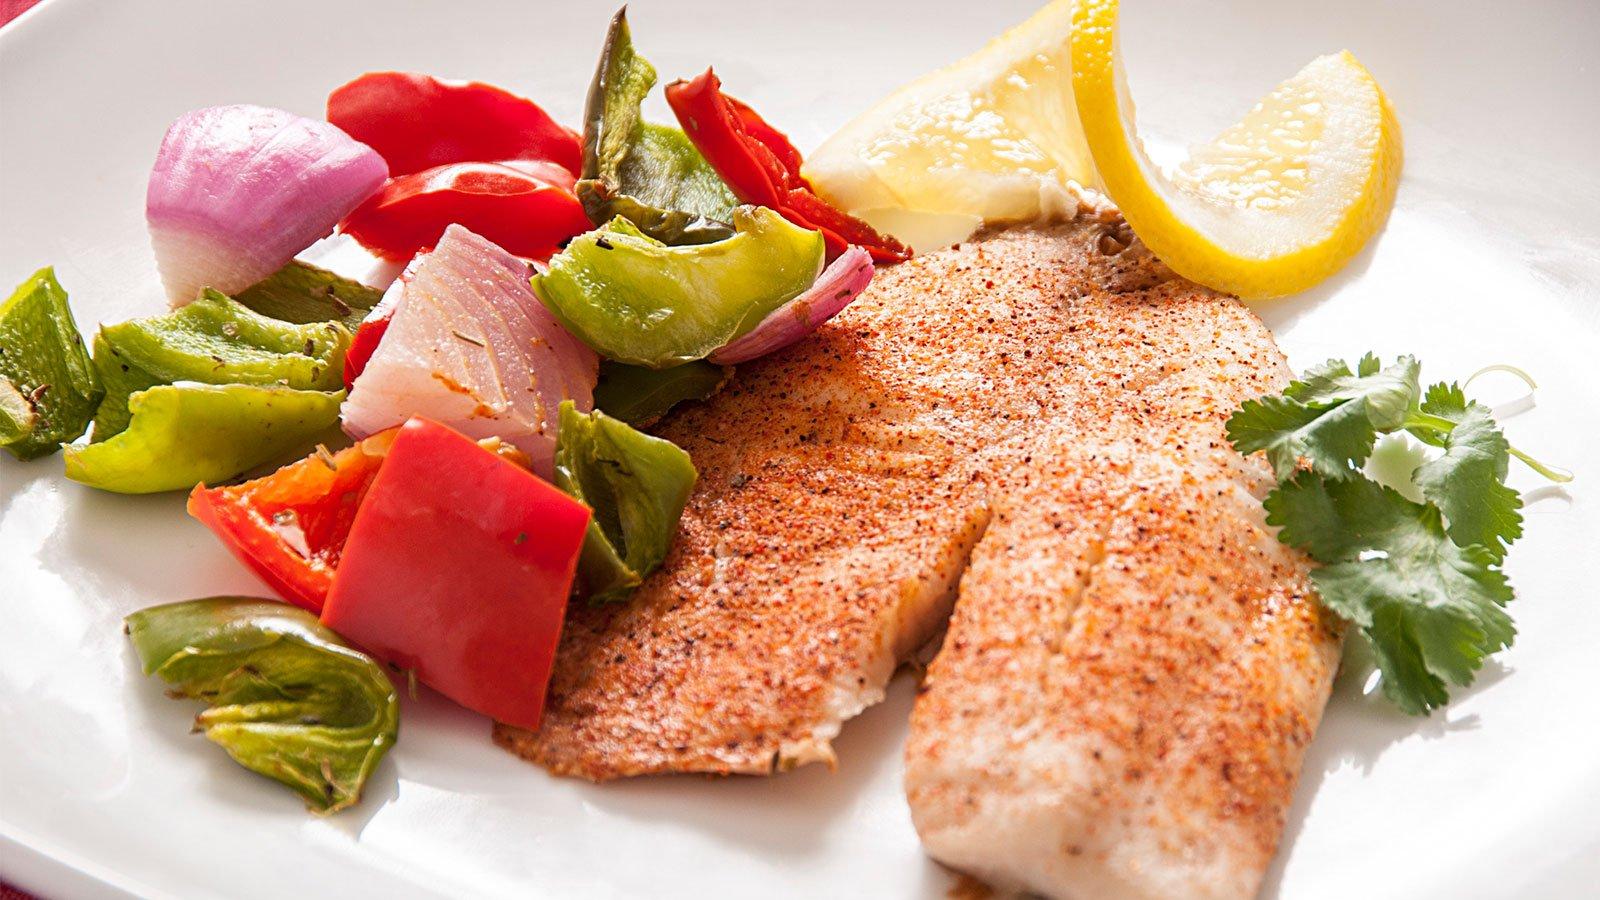 gesunde Ernährung mehr Eiweiße weniger Kohlenhydrate